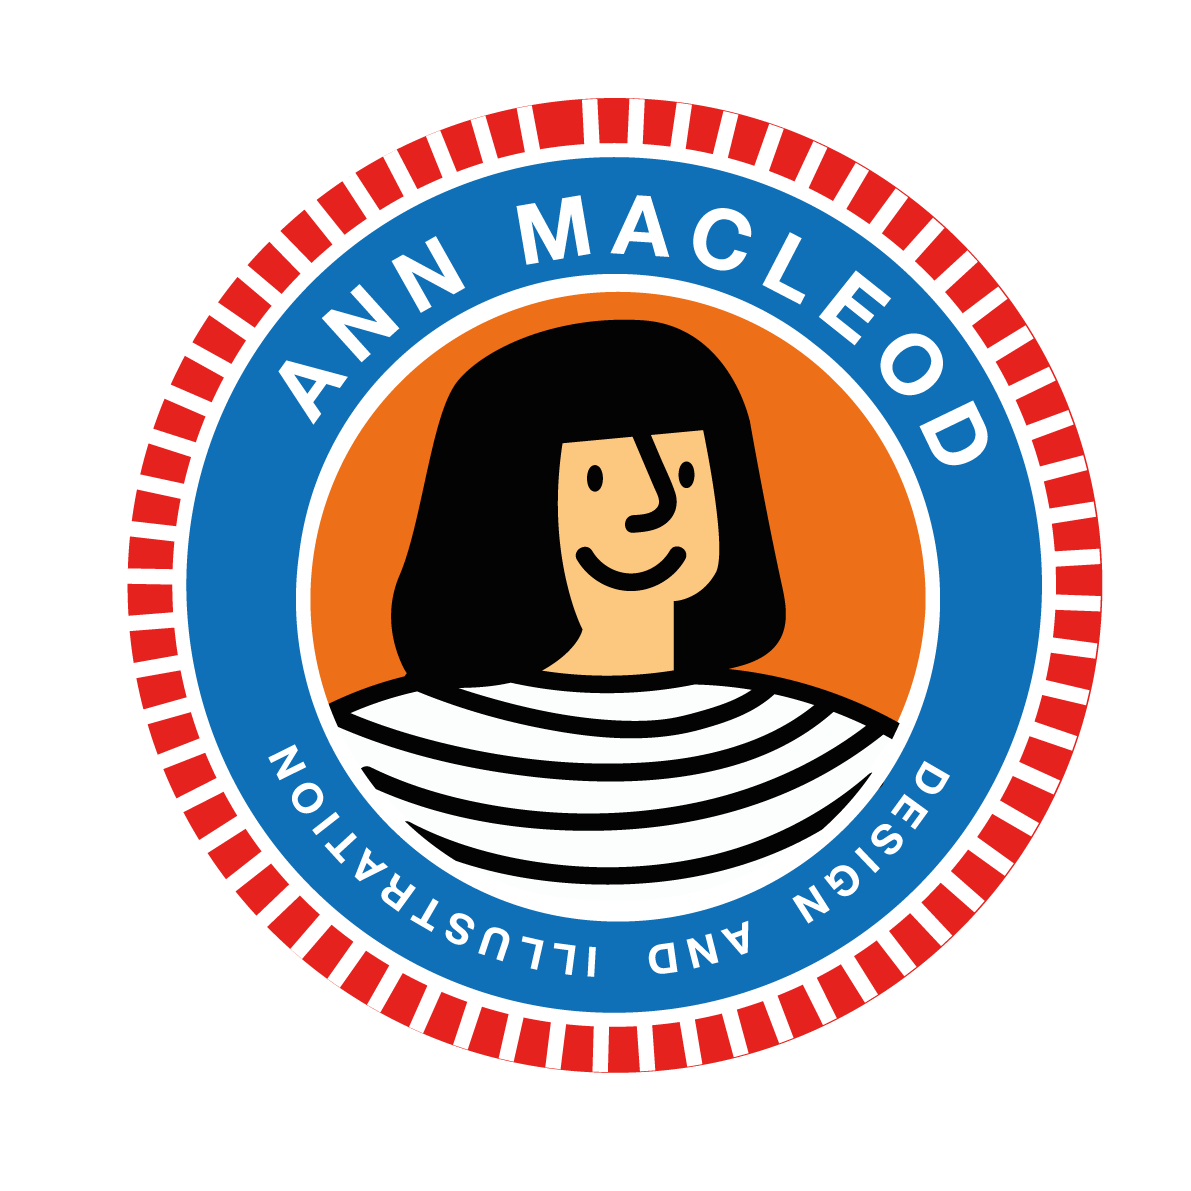 Ann Macleod